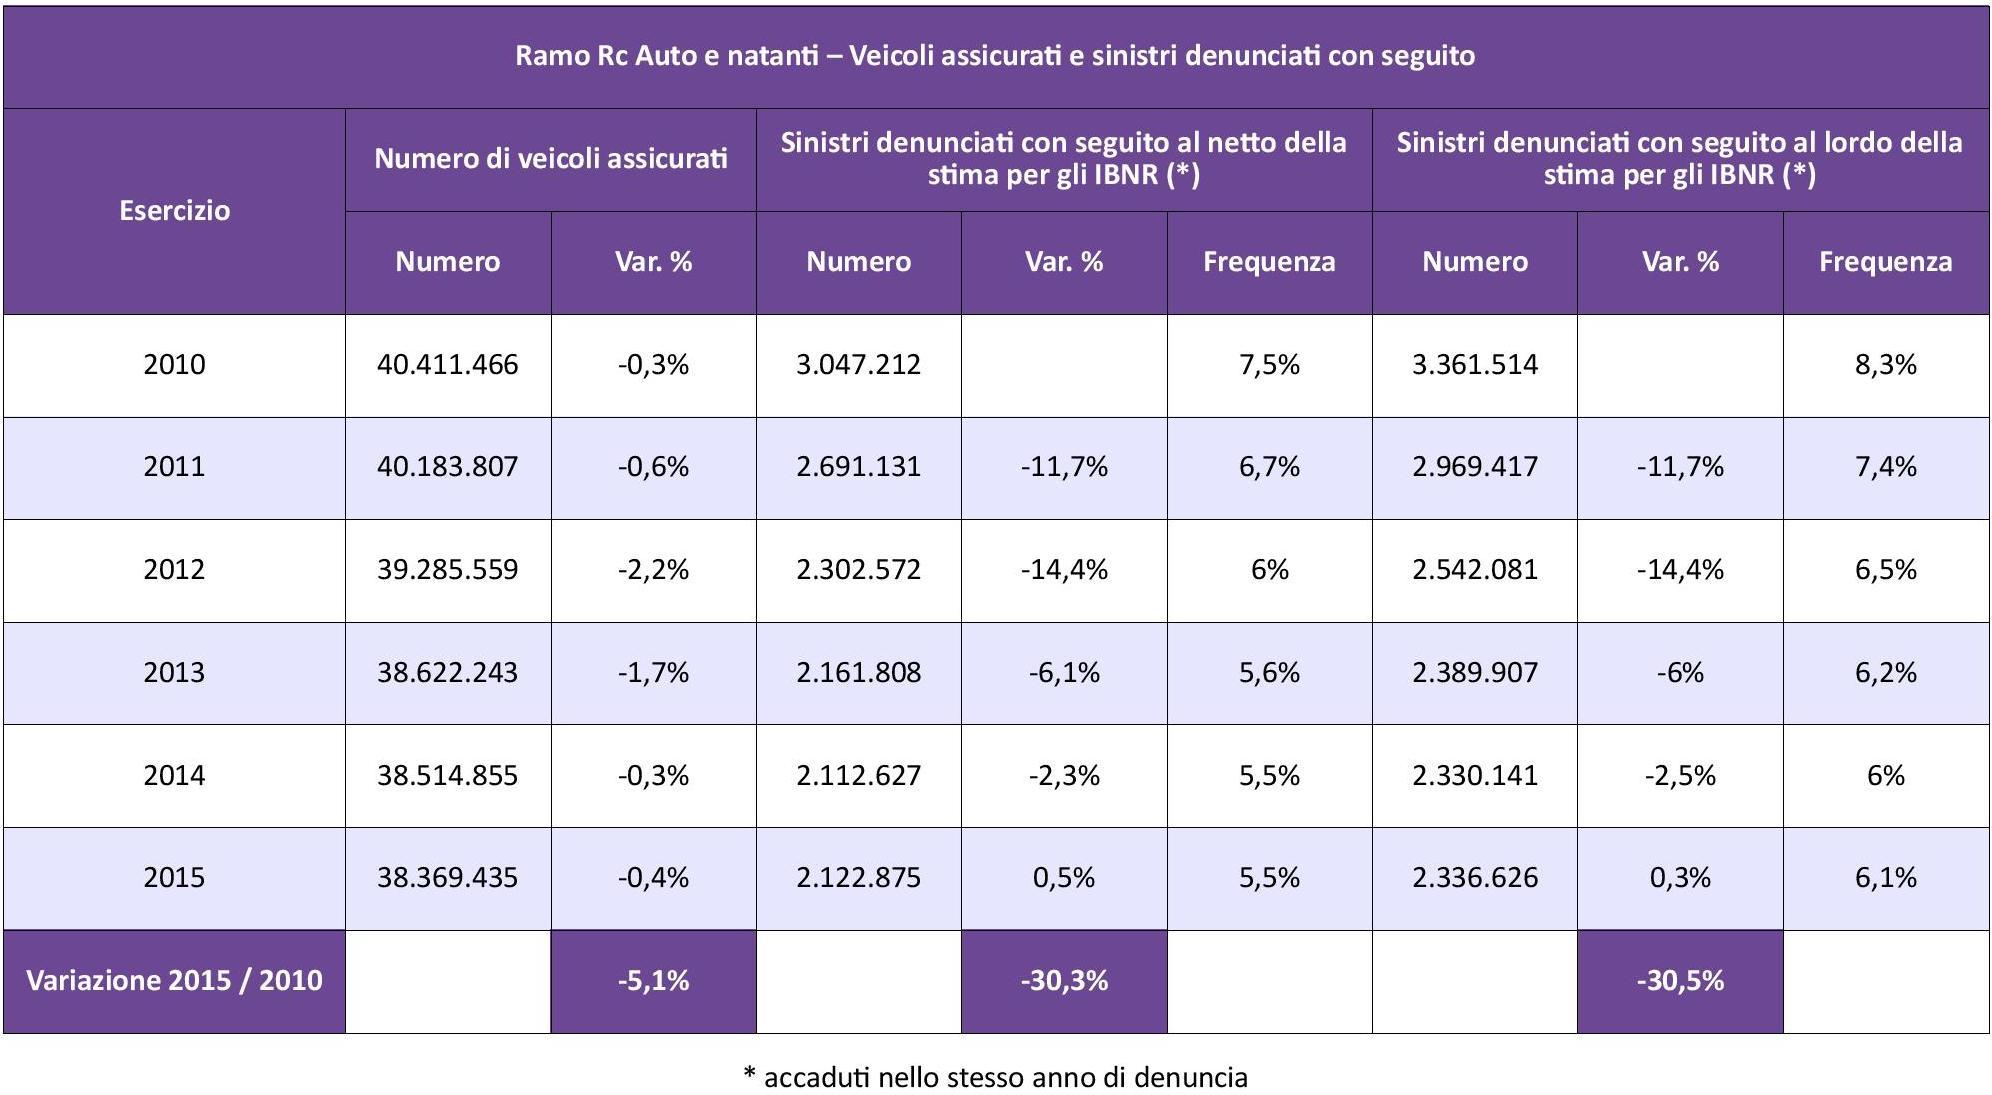 IVASS - Statistiche Auto 2015 - Tab. 3 - Andamento Sinistri IMC (2)